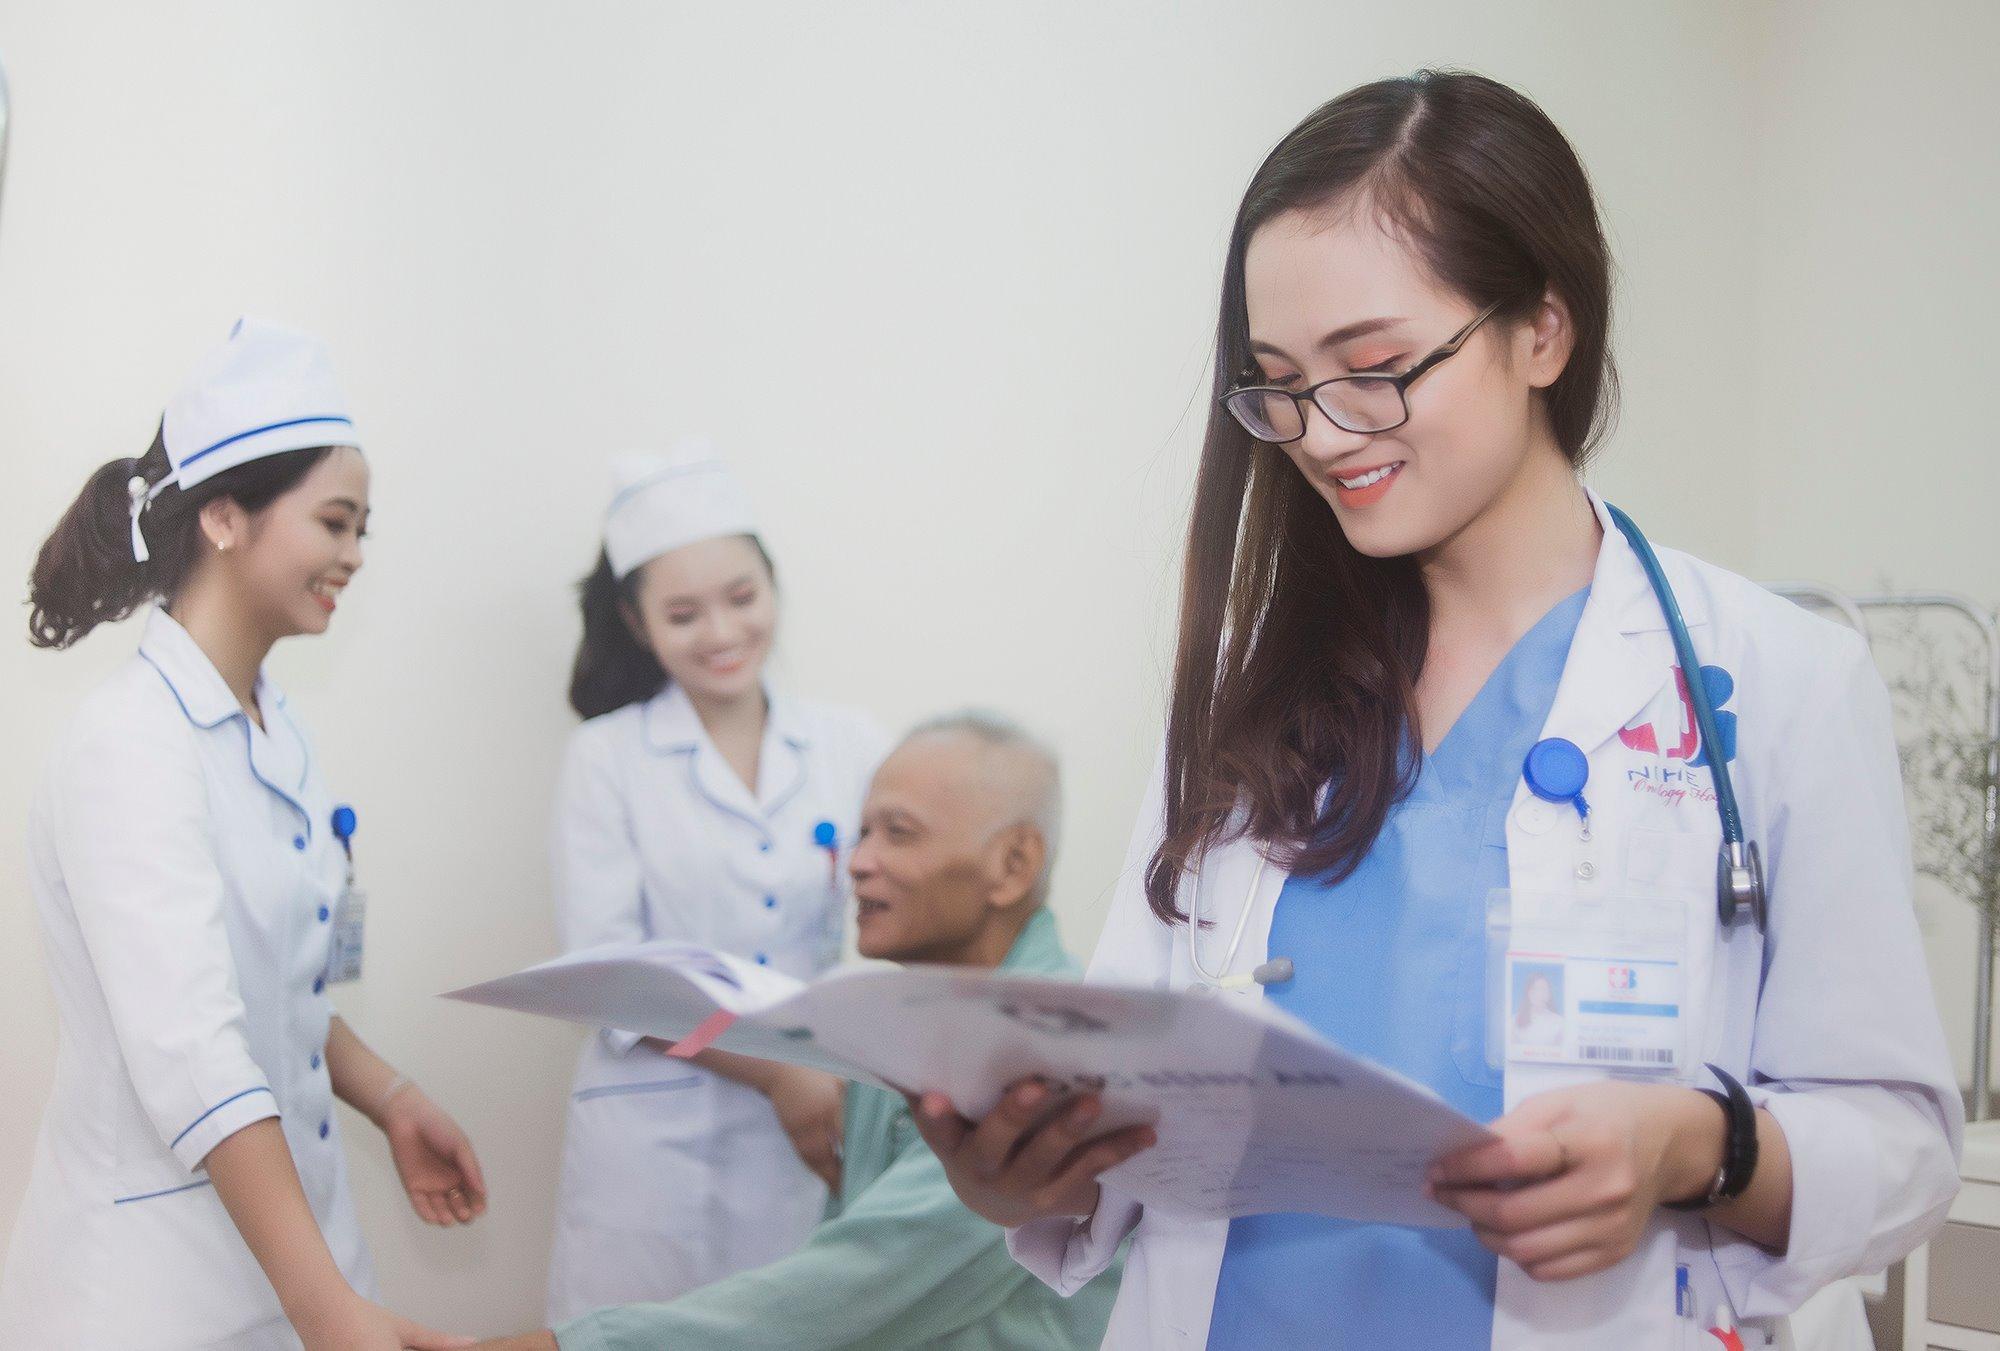 những thuận lợi khi làm nghề điều dưỡng